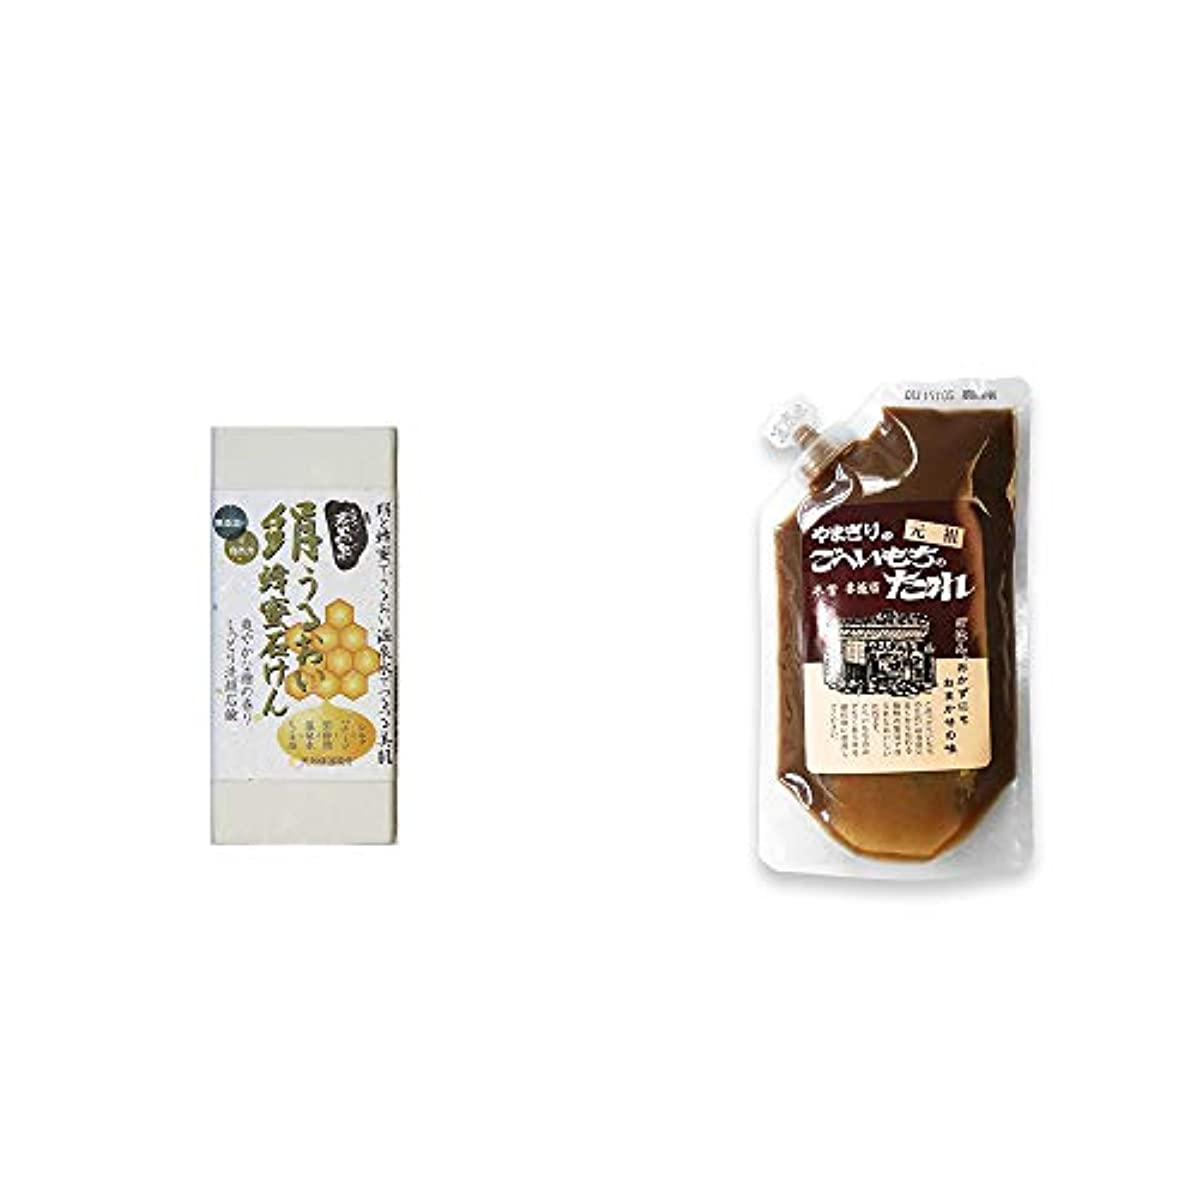 悪用買い物に行く特に[2点セット] ひのき炭黒泉 絹うるおい蜂蜜石けん(75g×2)?妻籠宿 やまぎり食堂 ごへい餅のたれ(250g)